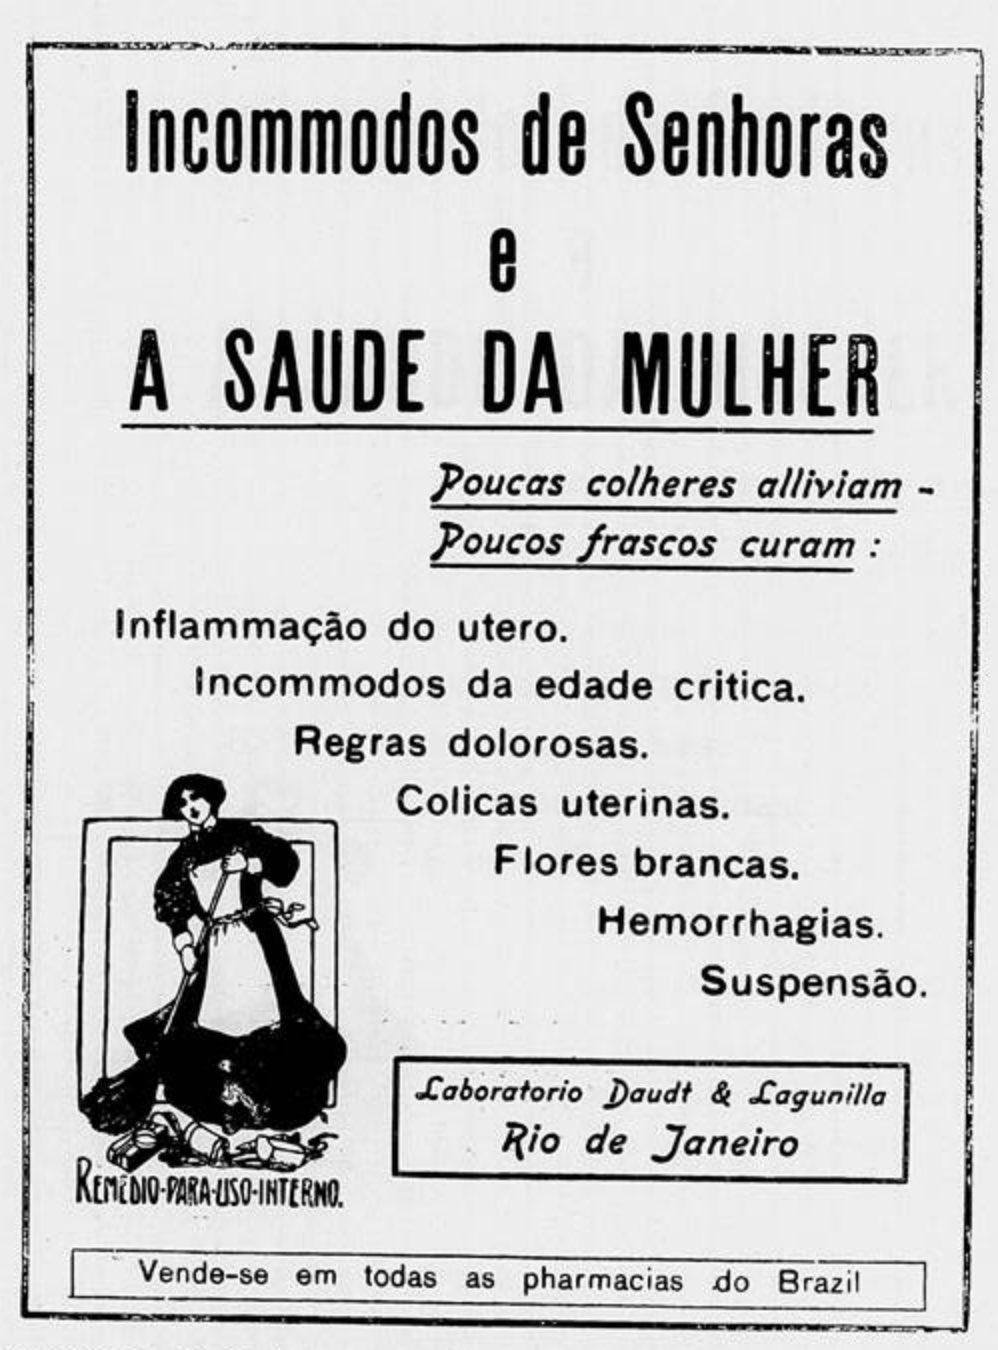 Anúncio antigo do medicamento Saúde da Mulher veiculado em 1912